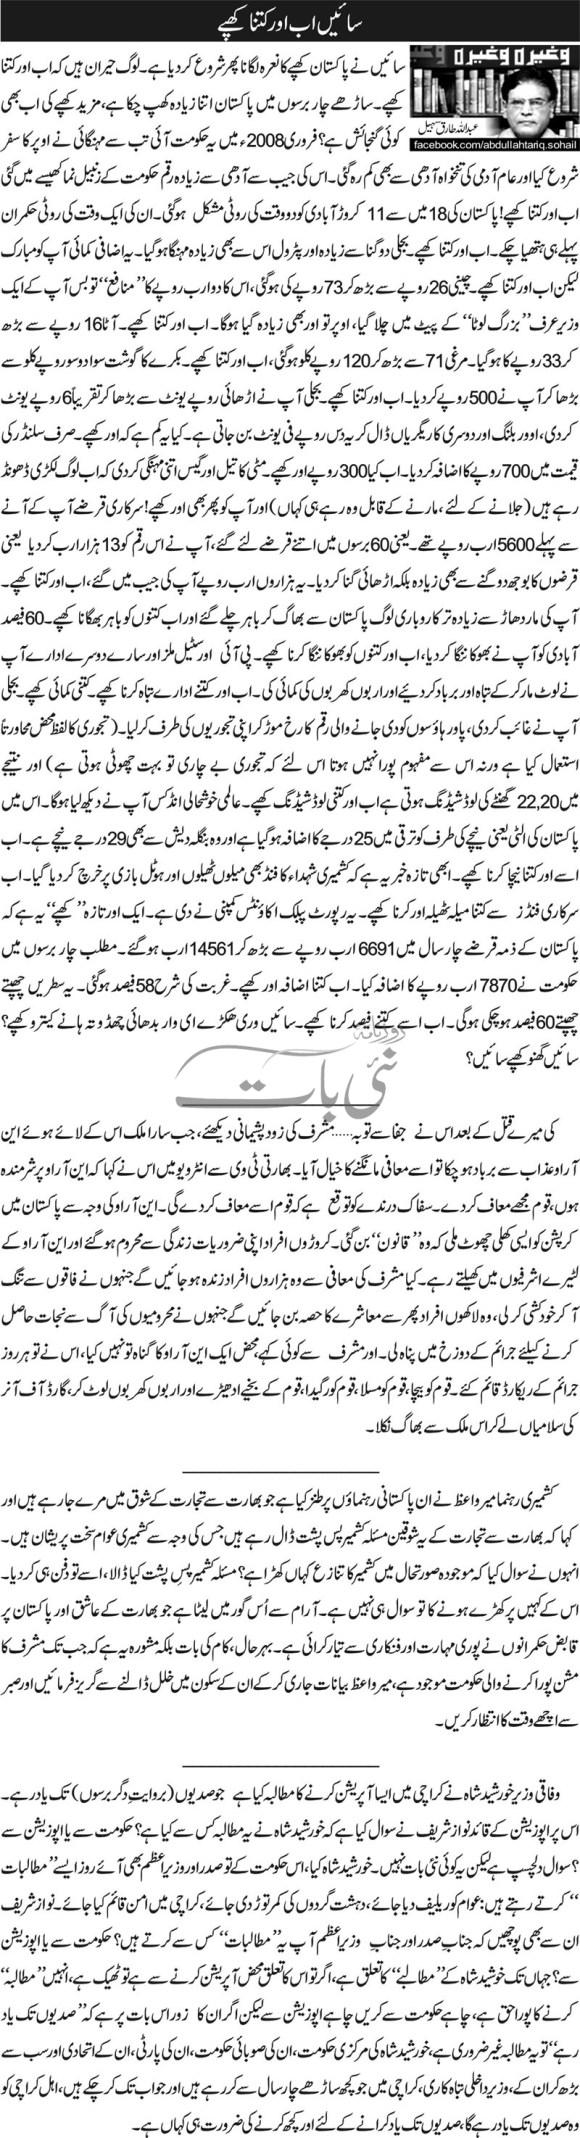 Saain ab aur kitna khappay - Abdullah Tariq Sohail